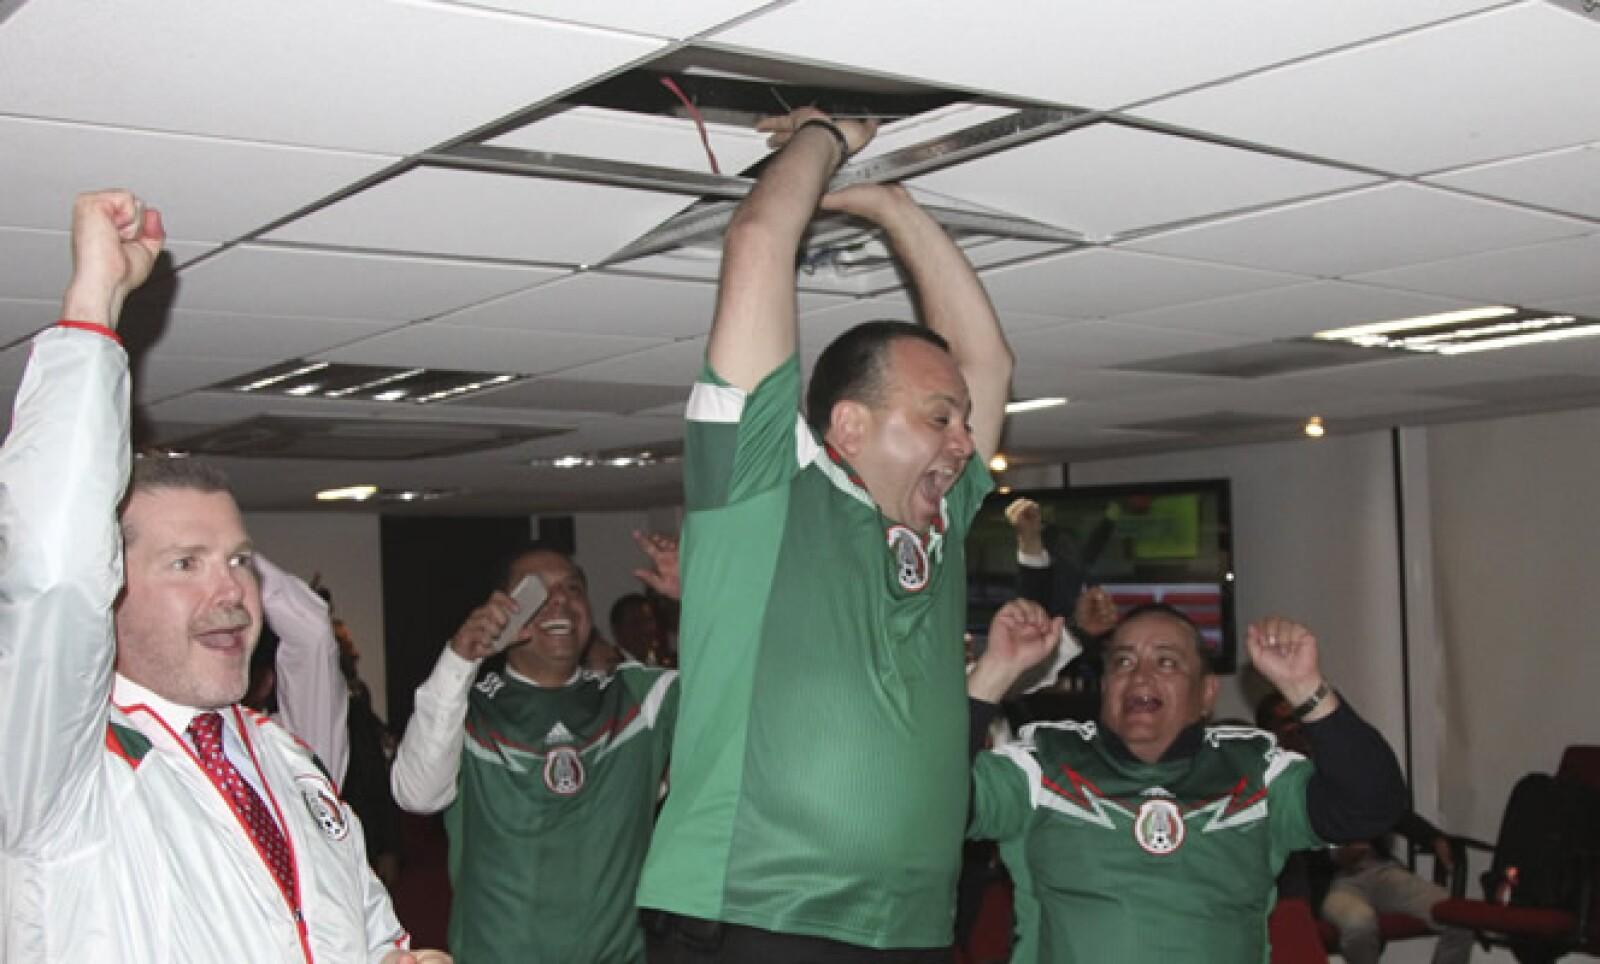 El secretario de seguridad capitalina, Jesús Rodríguez Almeida rompió un plafón del techo al brincar para celebrar un gol de la selección nacional.